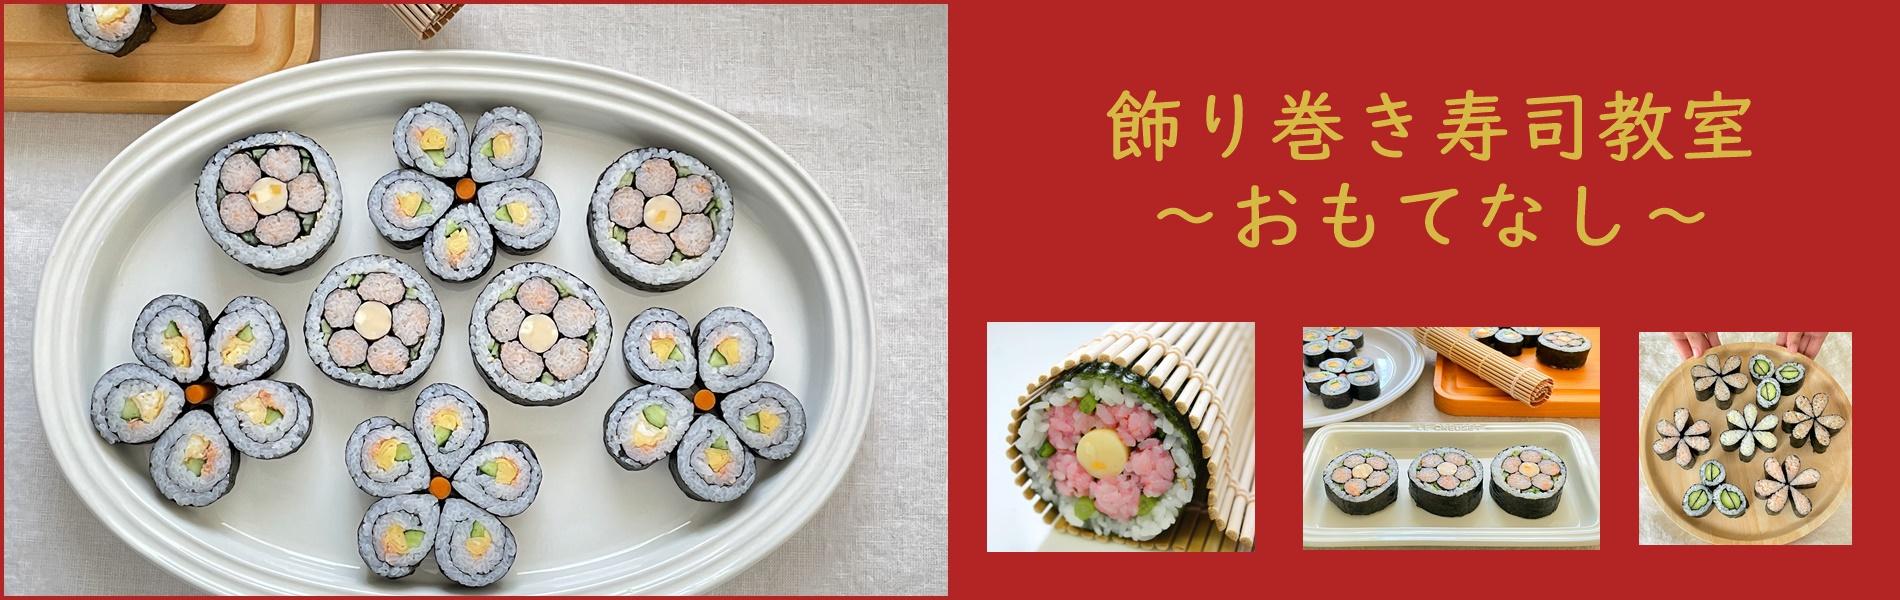 飾り巻き寿司教室~おもてなし~